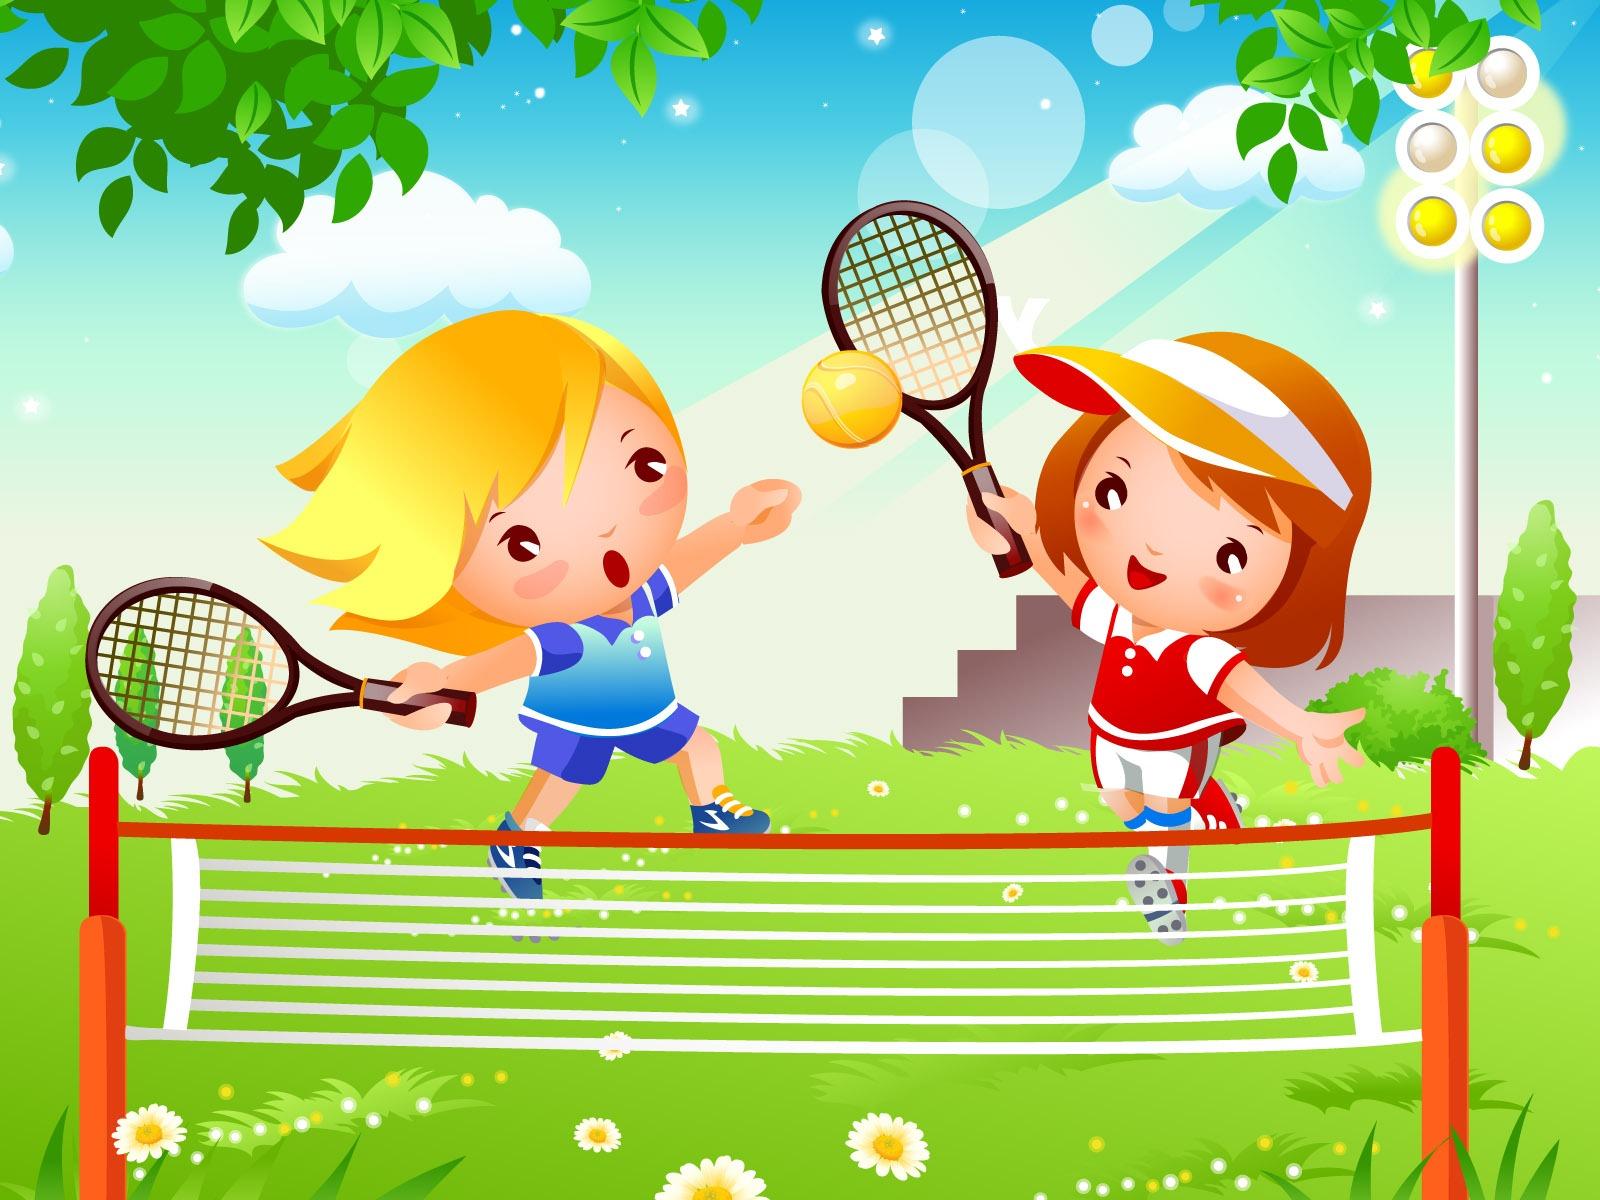 Fondos de Juegos para niños (2) #7 - 1600x1200